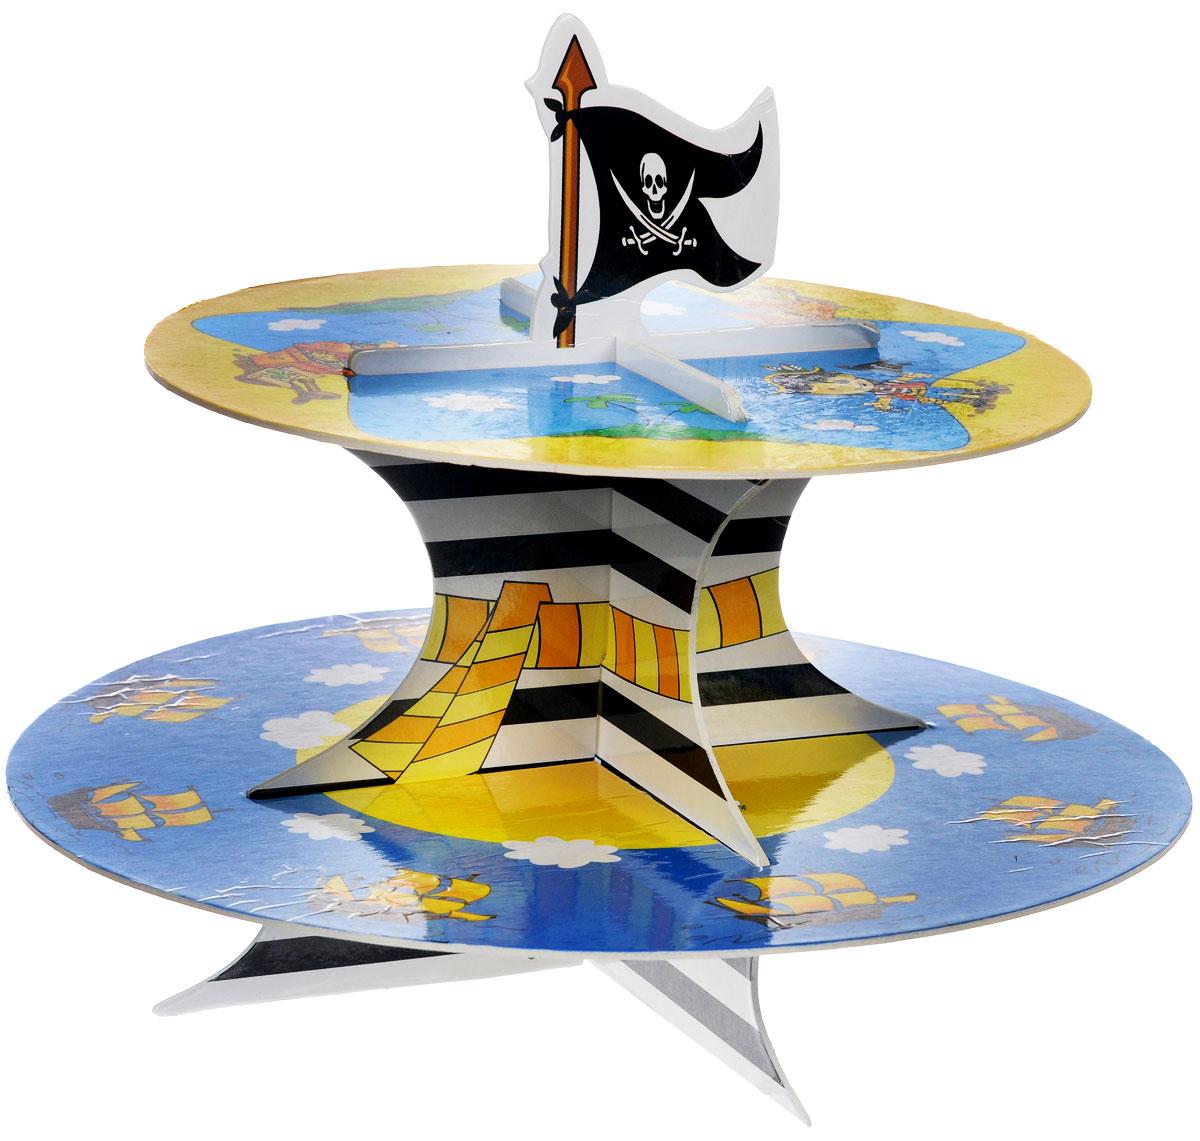 """Веселая затея Стойка для кексов """"Маленький пират"""", 2 яруса, General Consolidated Impex Company"""